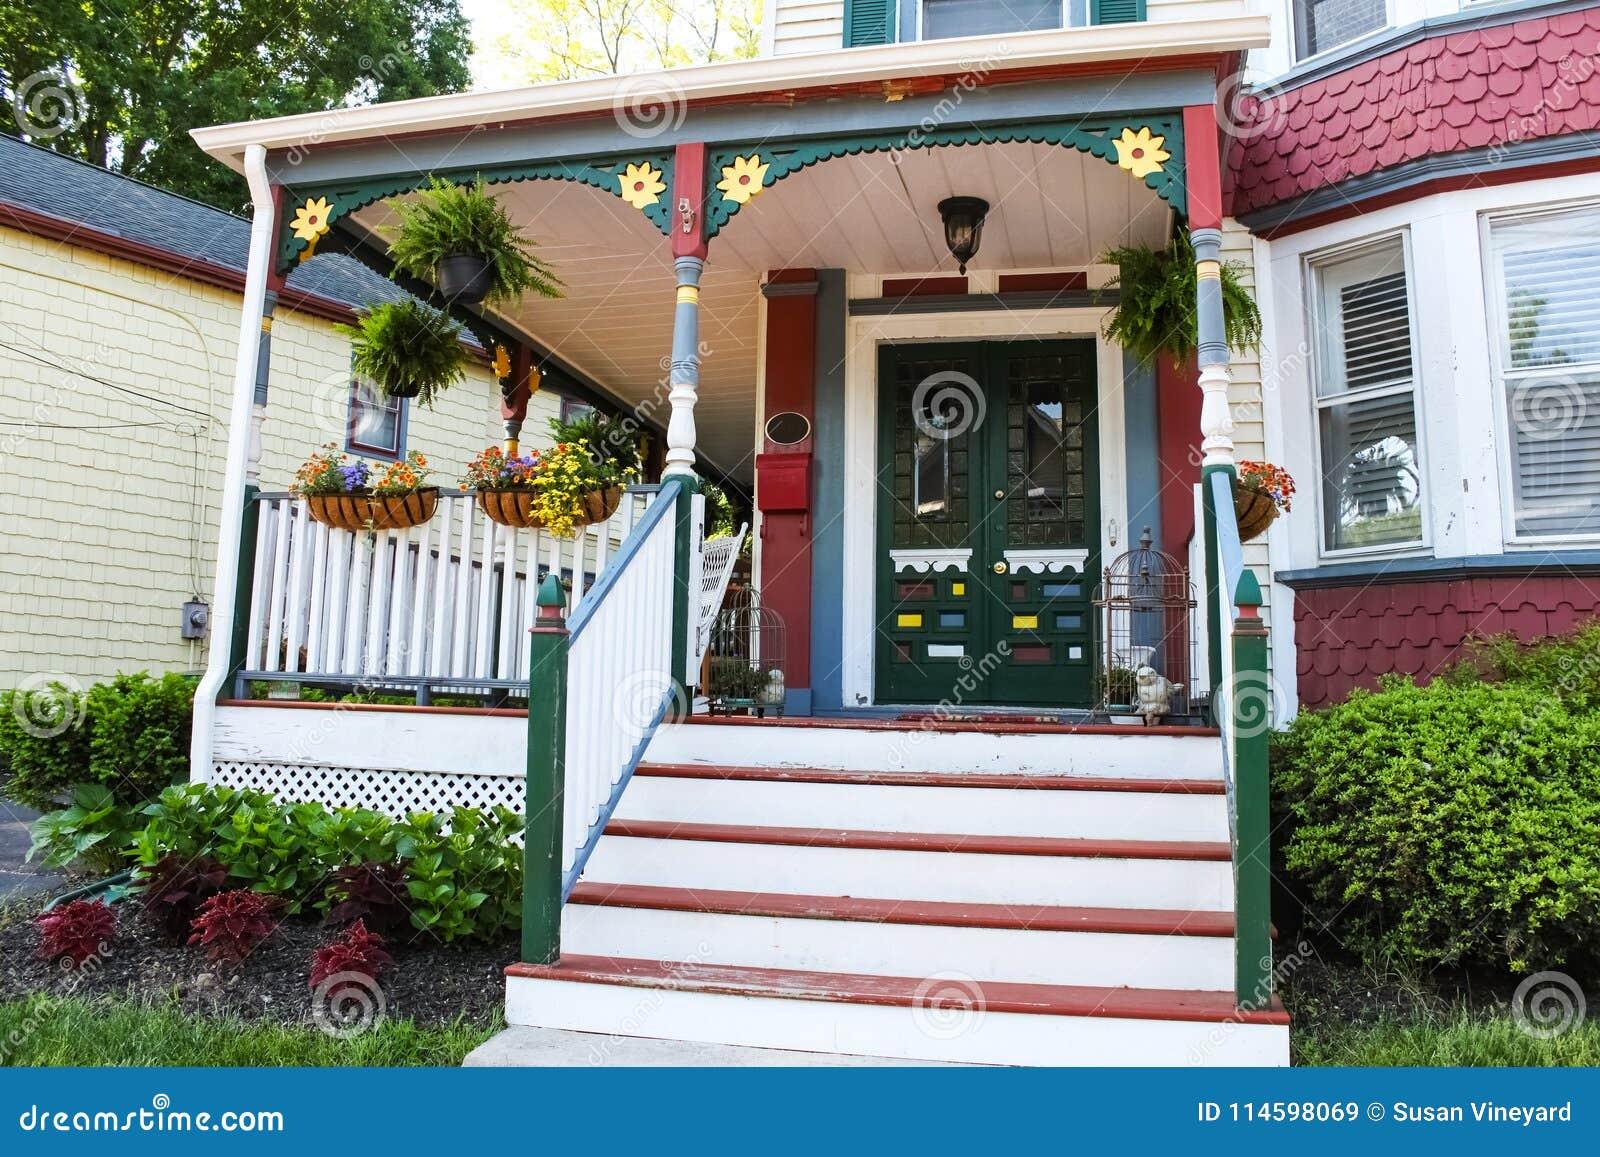 Entrada da casa ornamentado velha do estilo do victorian do pão-de-espécie decorada para o verão com flores e decoração do patama